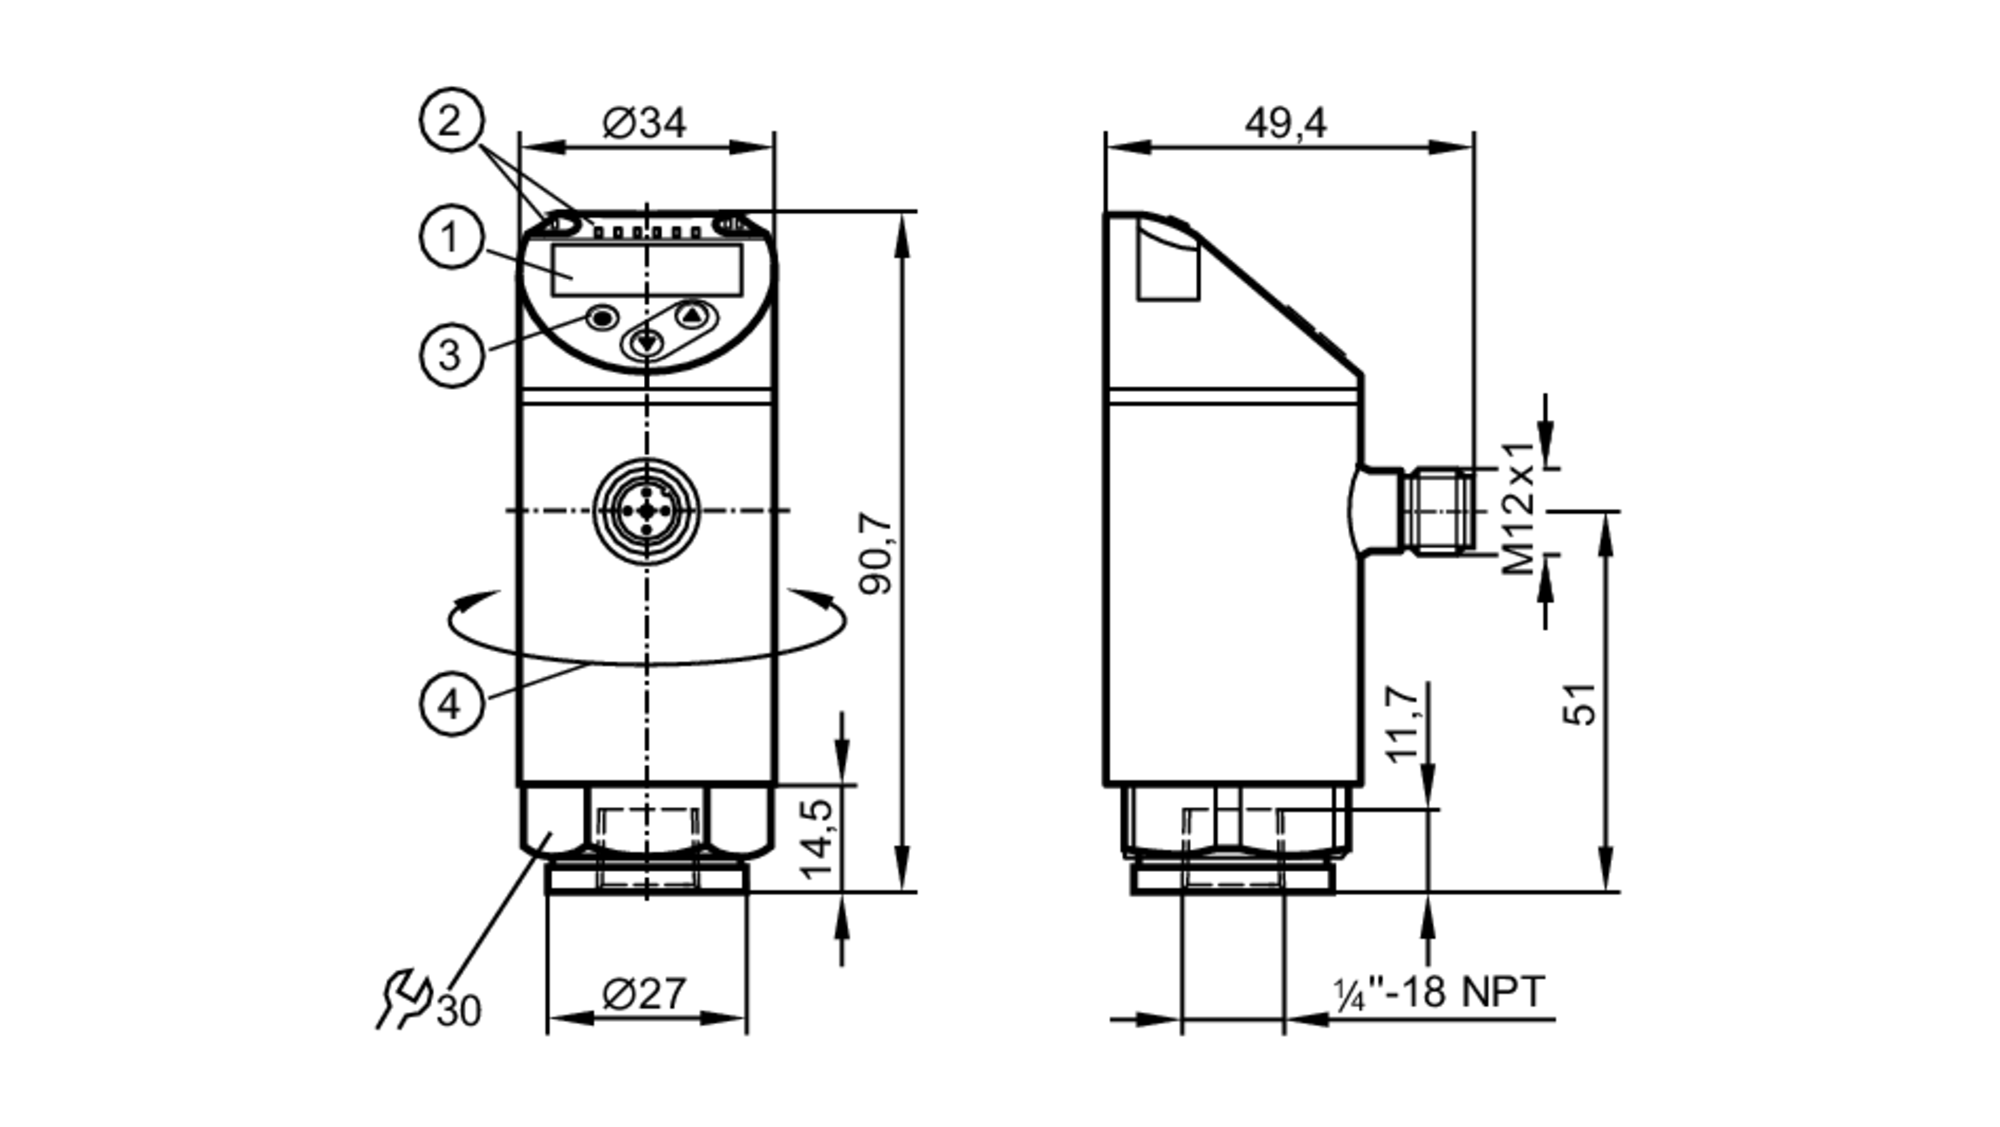 pn2294 - pressure sensor with display